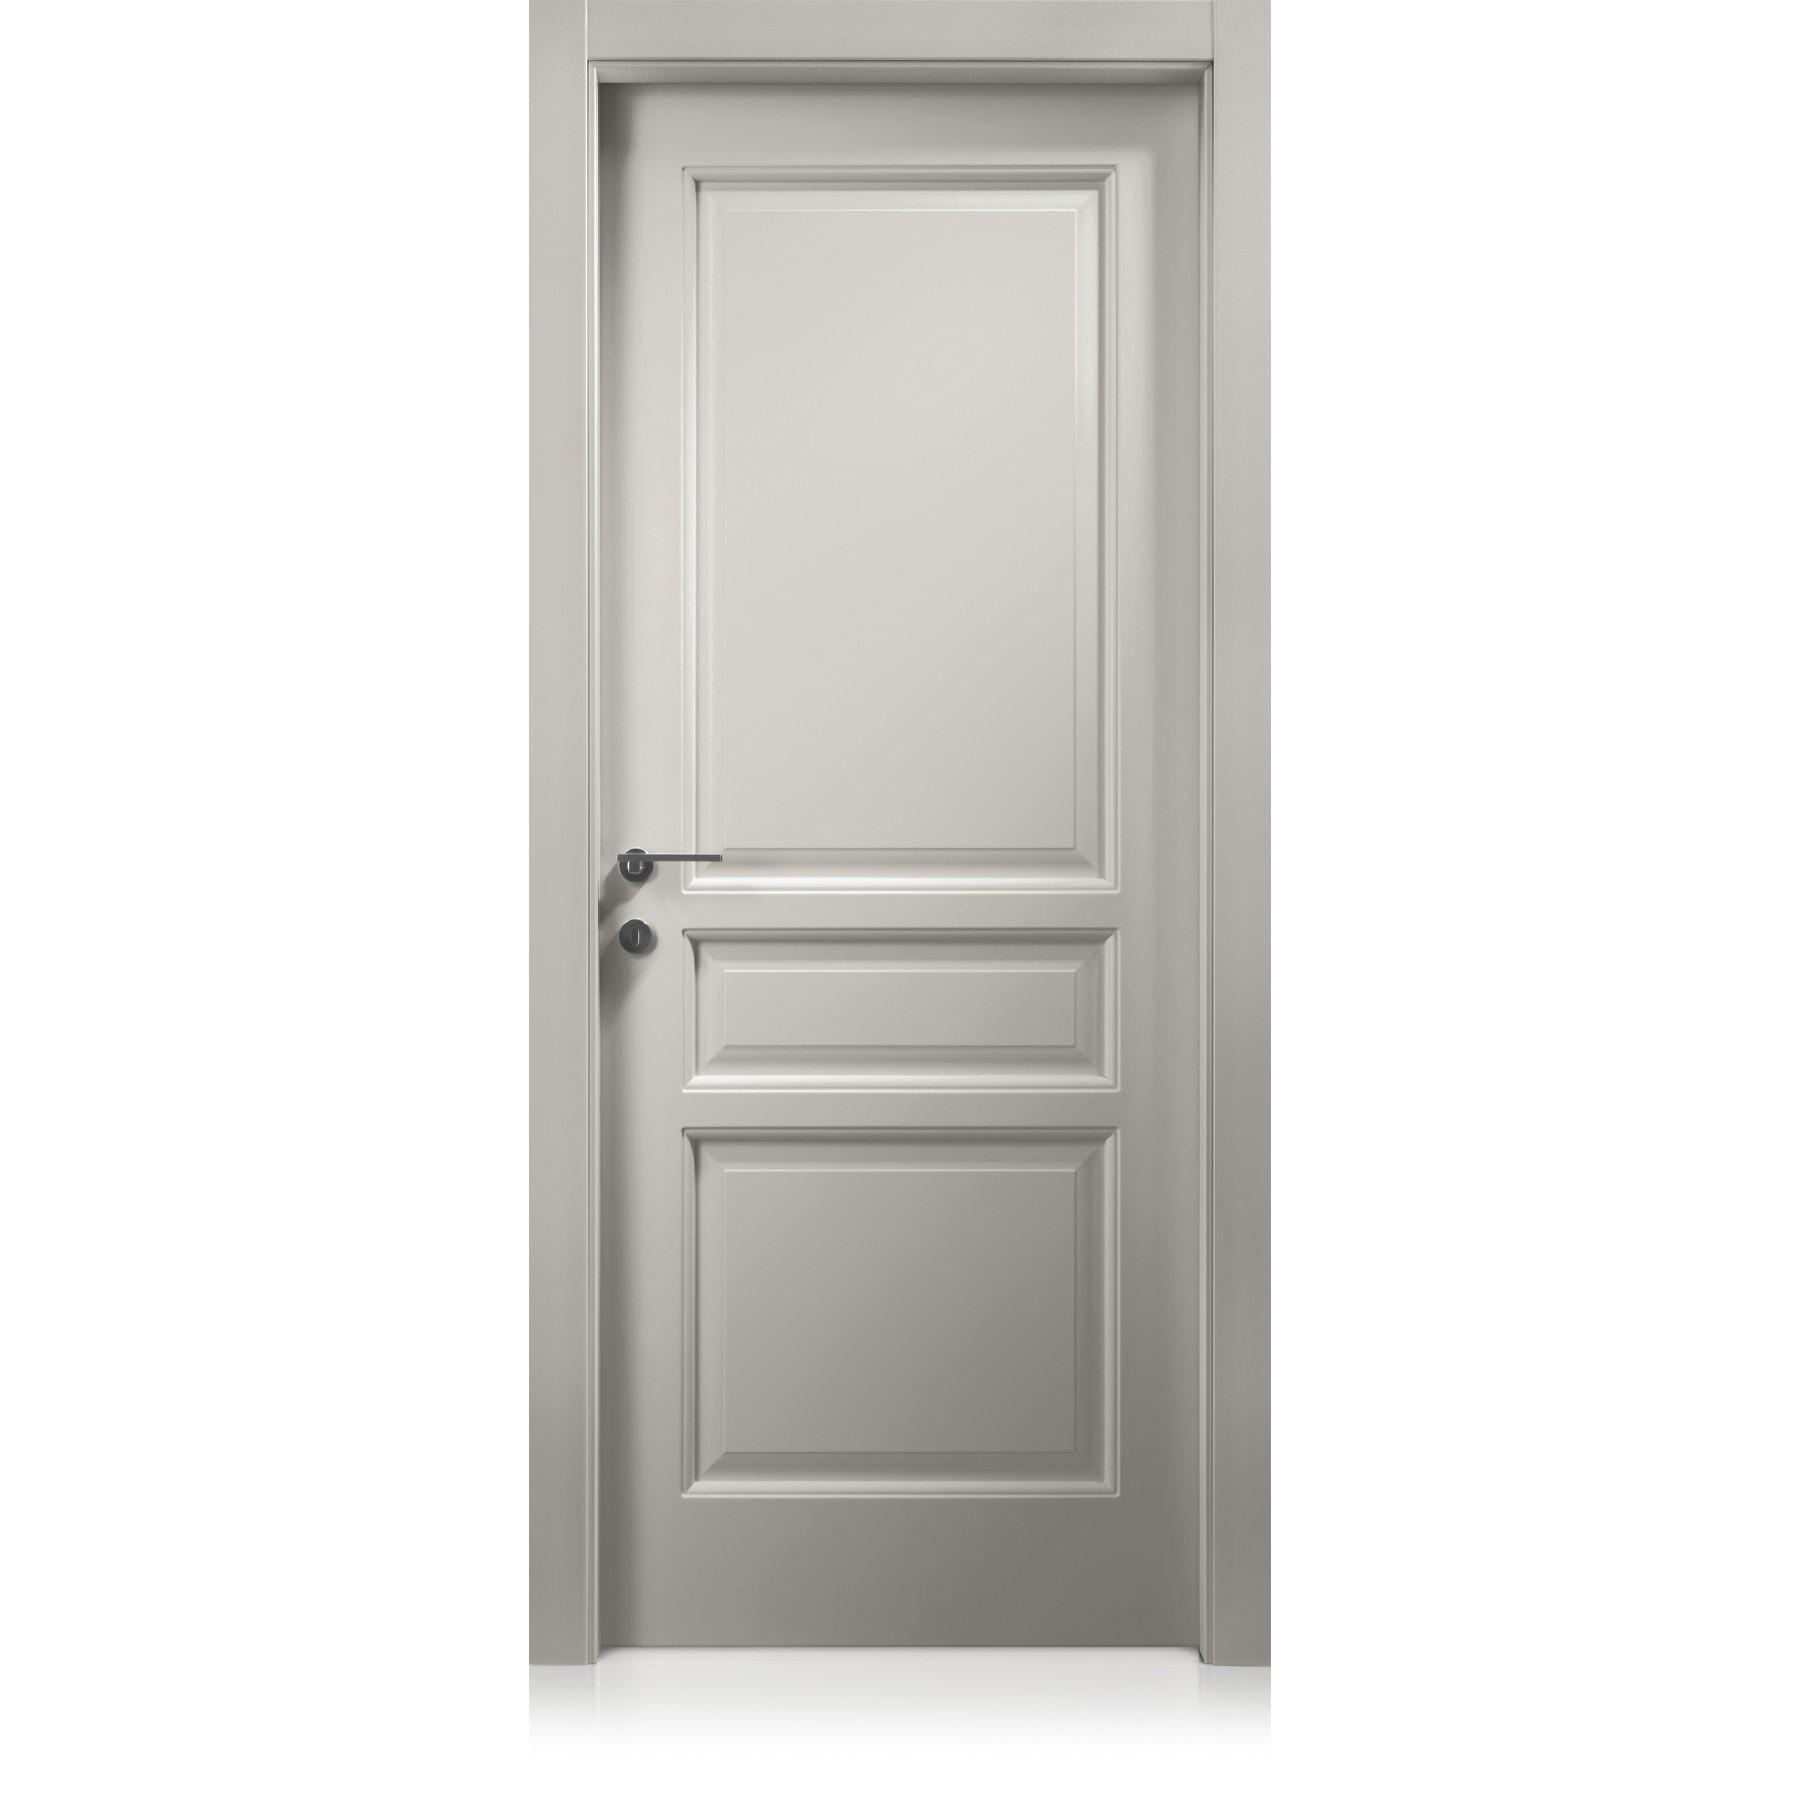 Mito grigio lux door